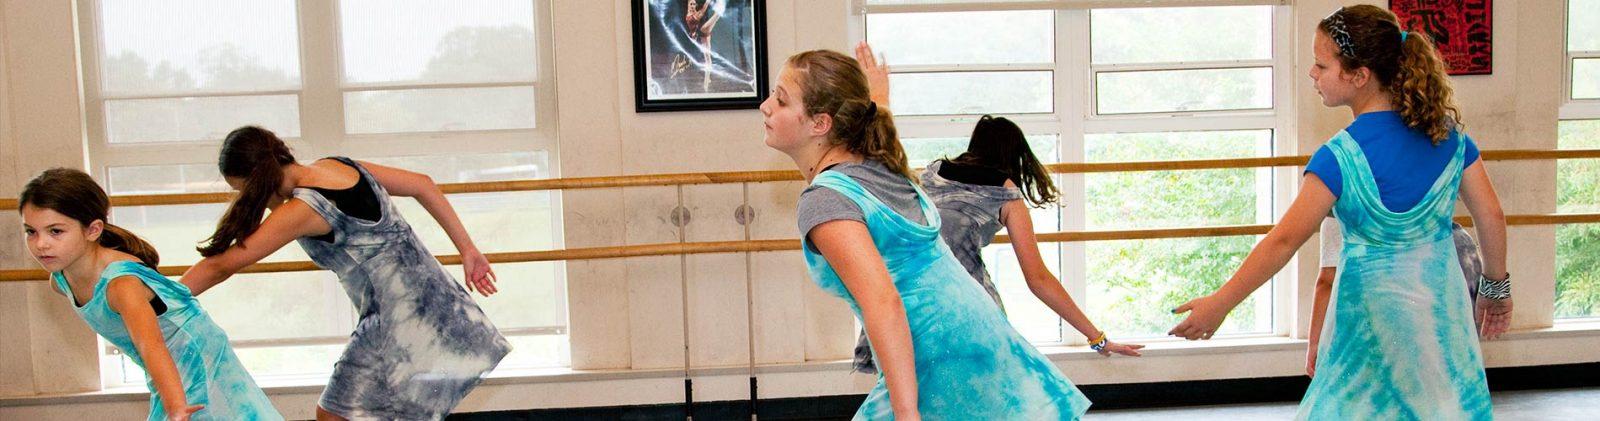 Dance at Kid's Summer Arts Camp